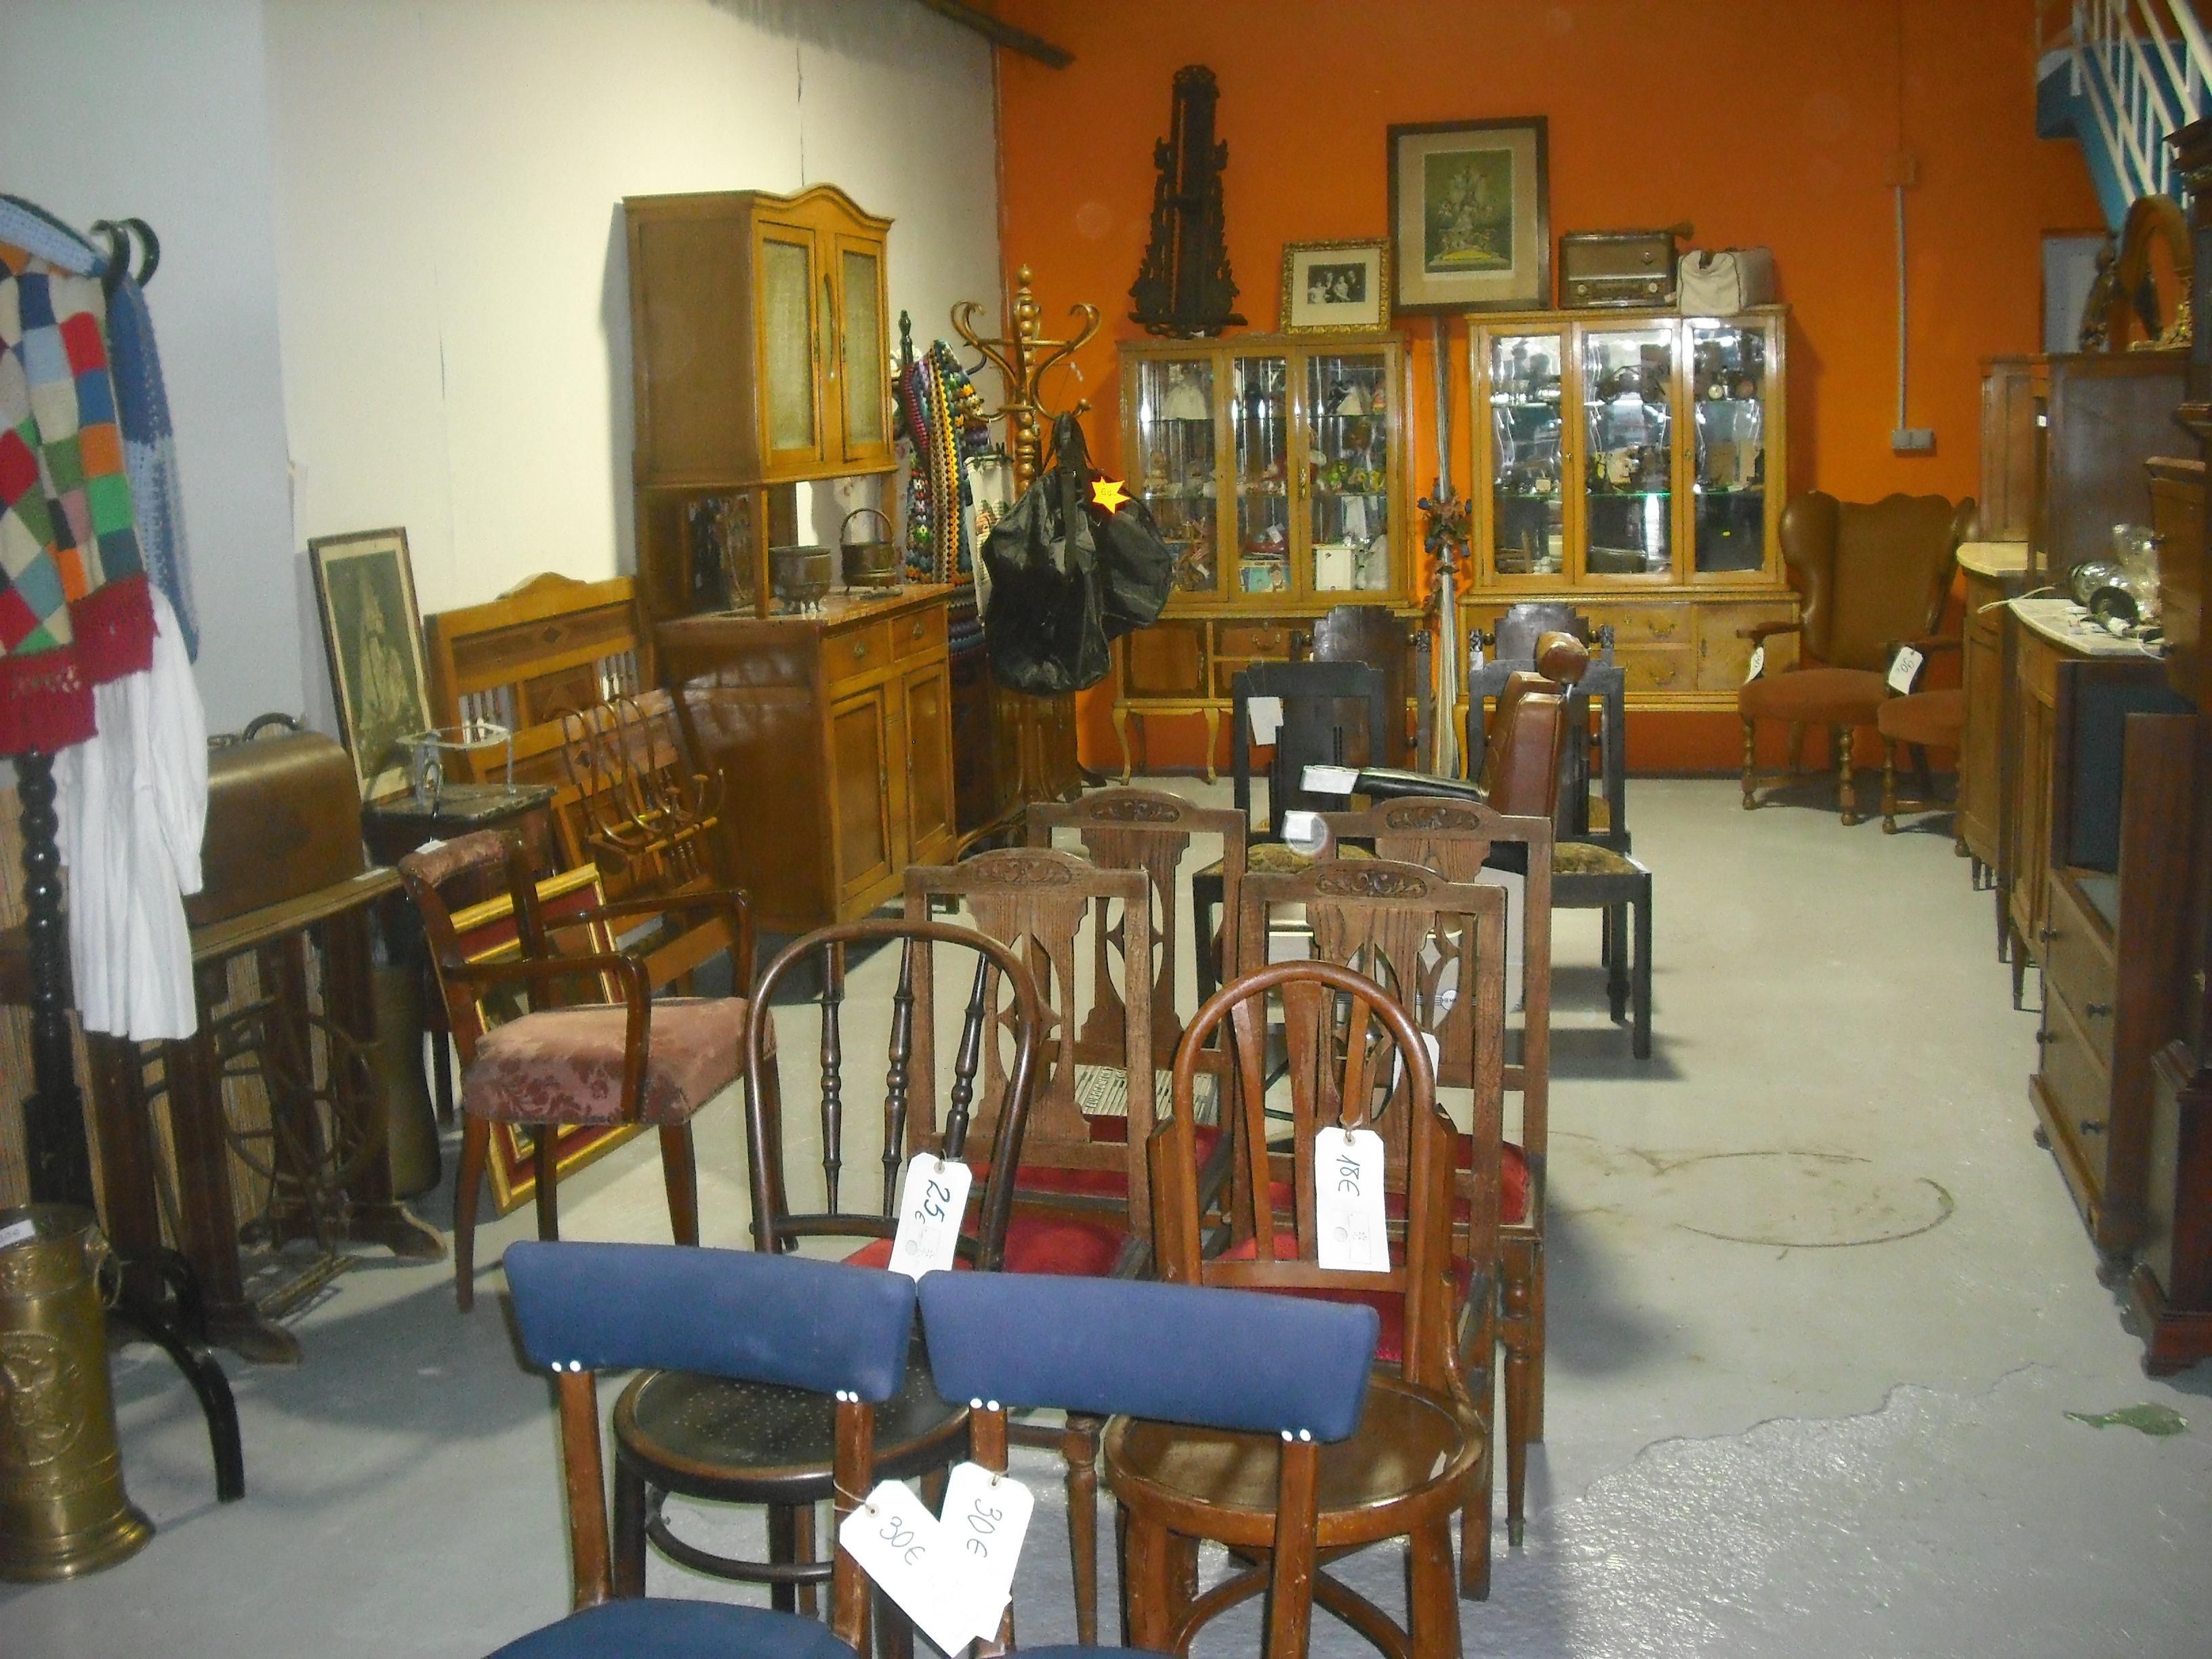 Tiendas de muebles en murcia latest muebles anticrisis tienda de murcia with tiendas de muebles - Muebles en murcia baratos ...